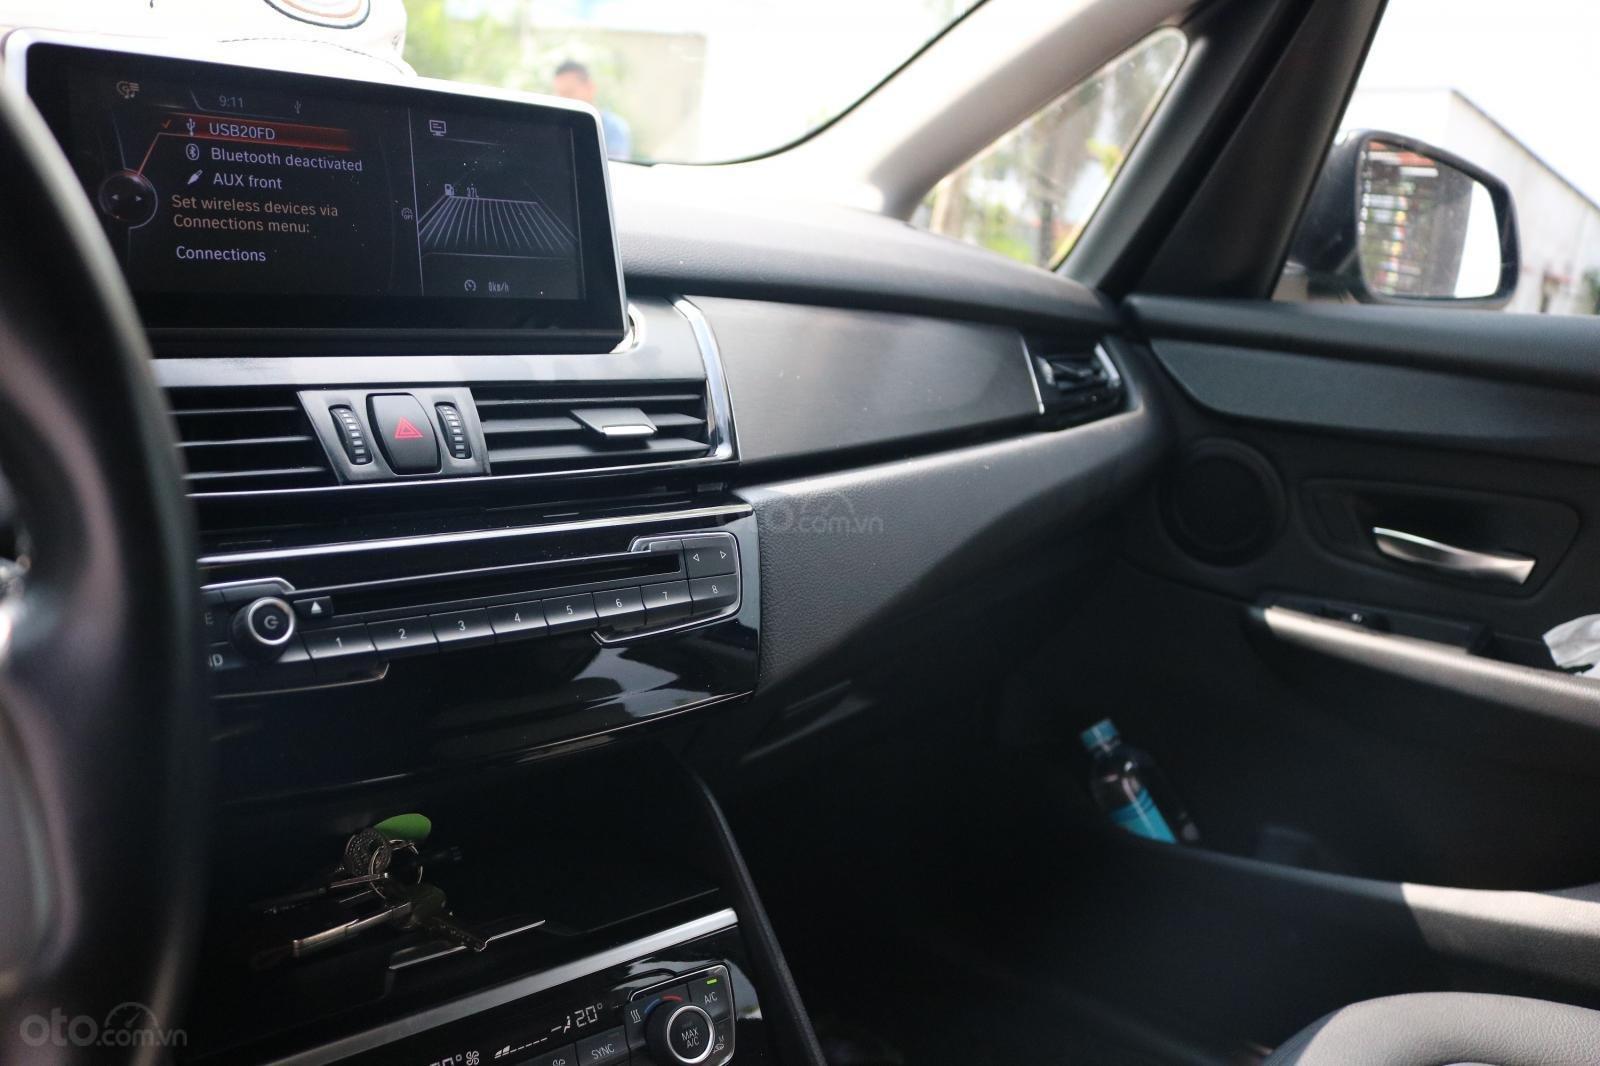 Bán BMW 218i Active Tourer 2015, đã đi 35000km, xe chính chủ (7)